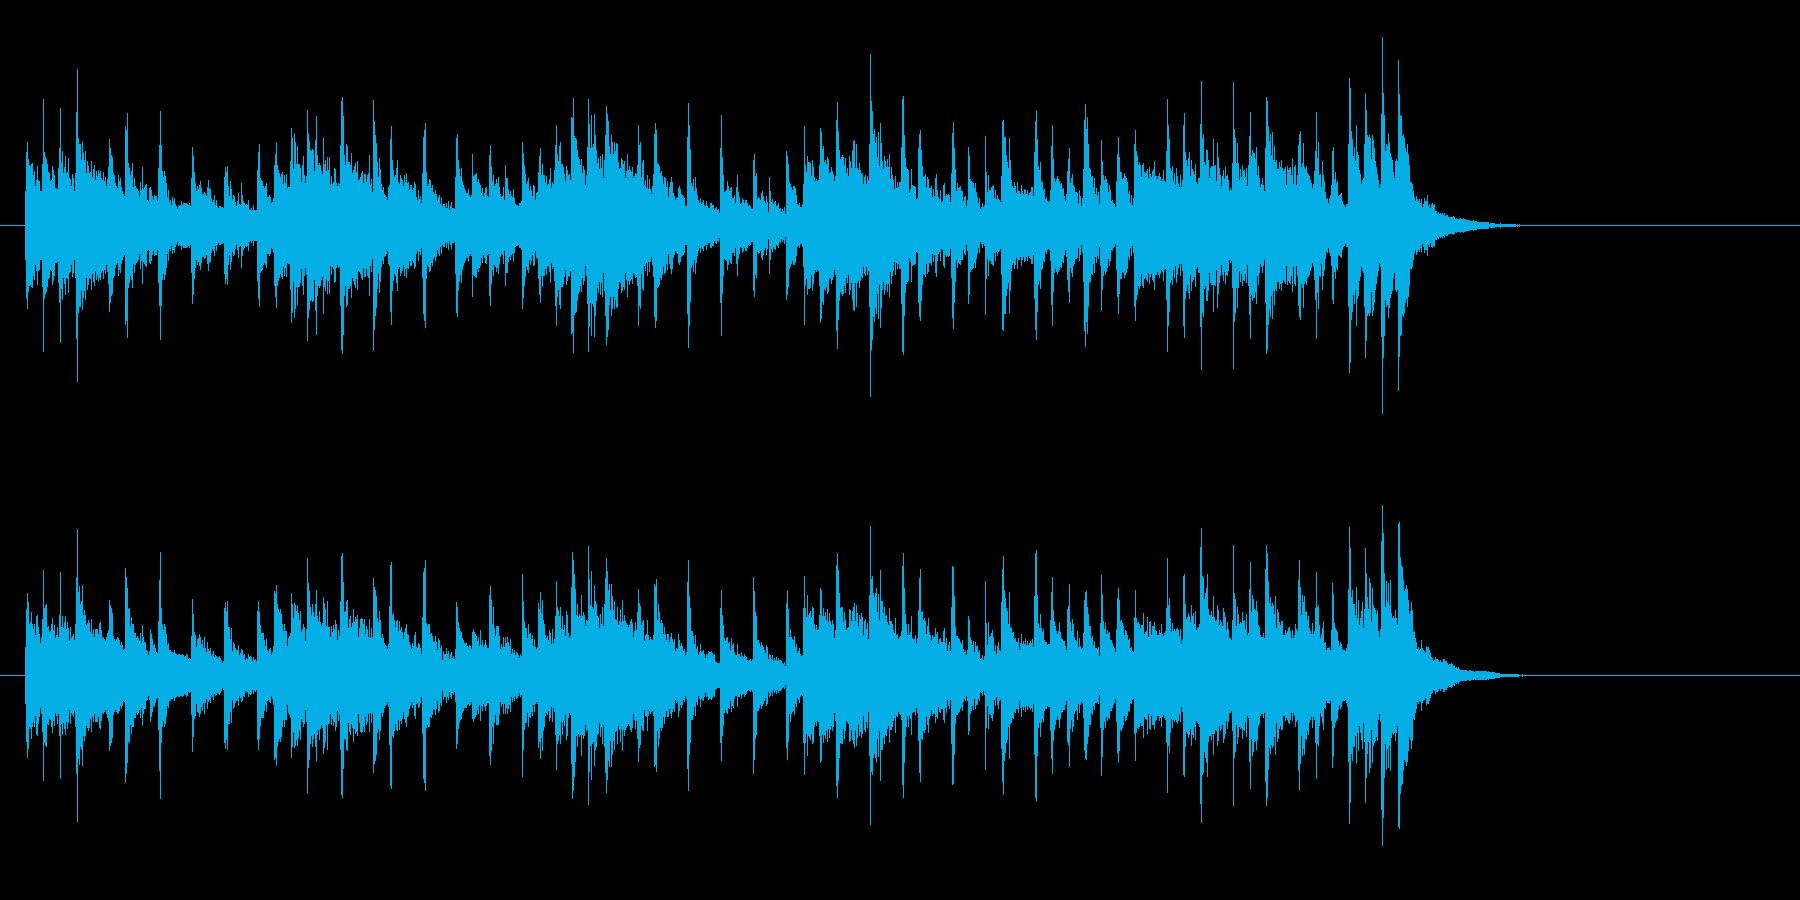 遊戯感覚シーズン・ミュージックの再生済みの波形